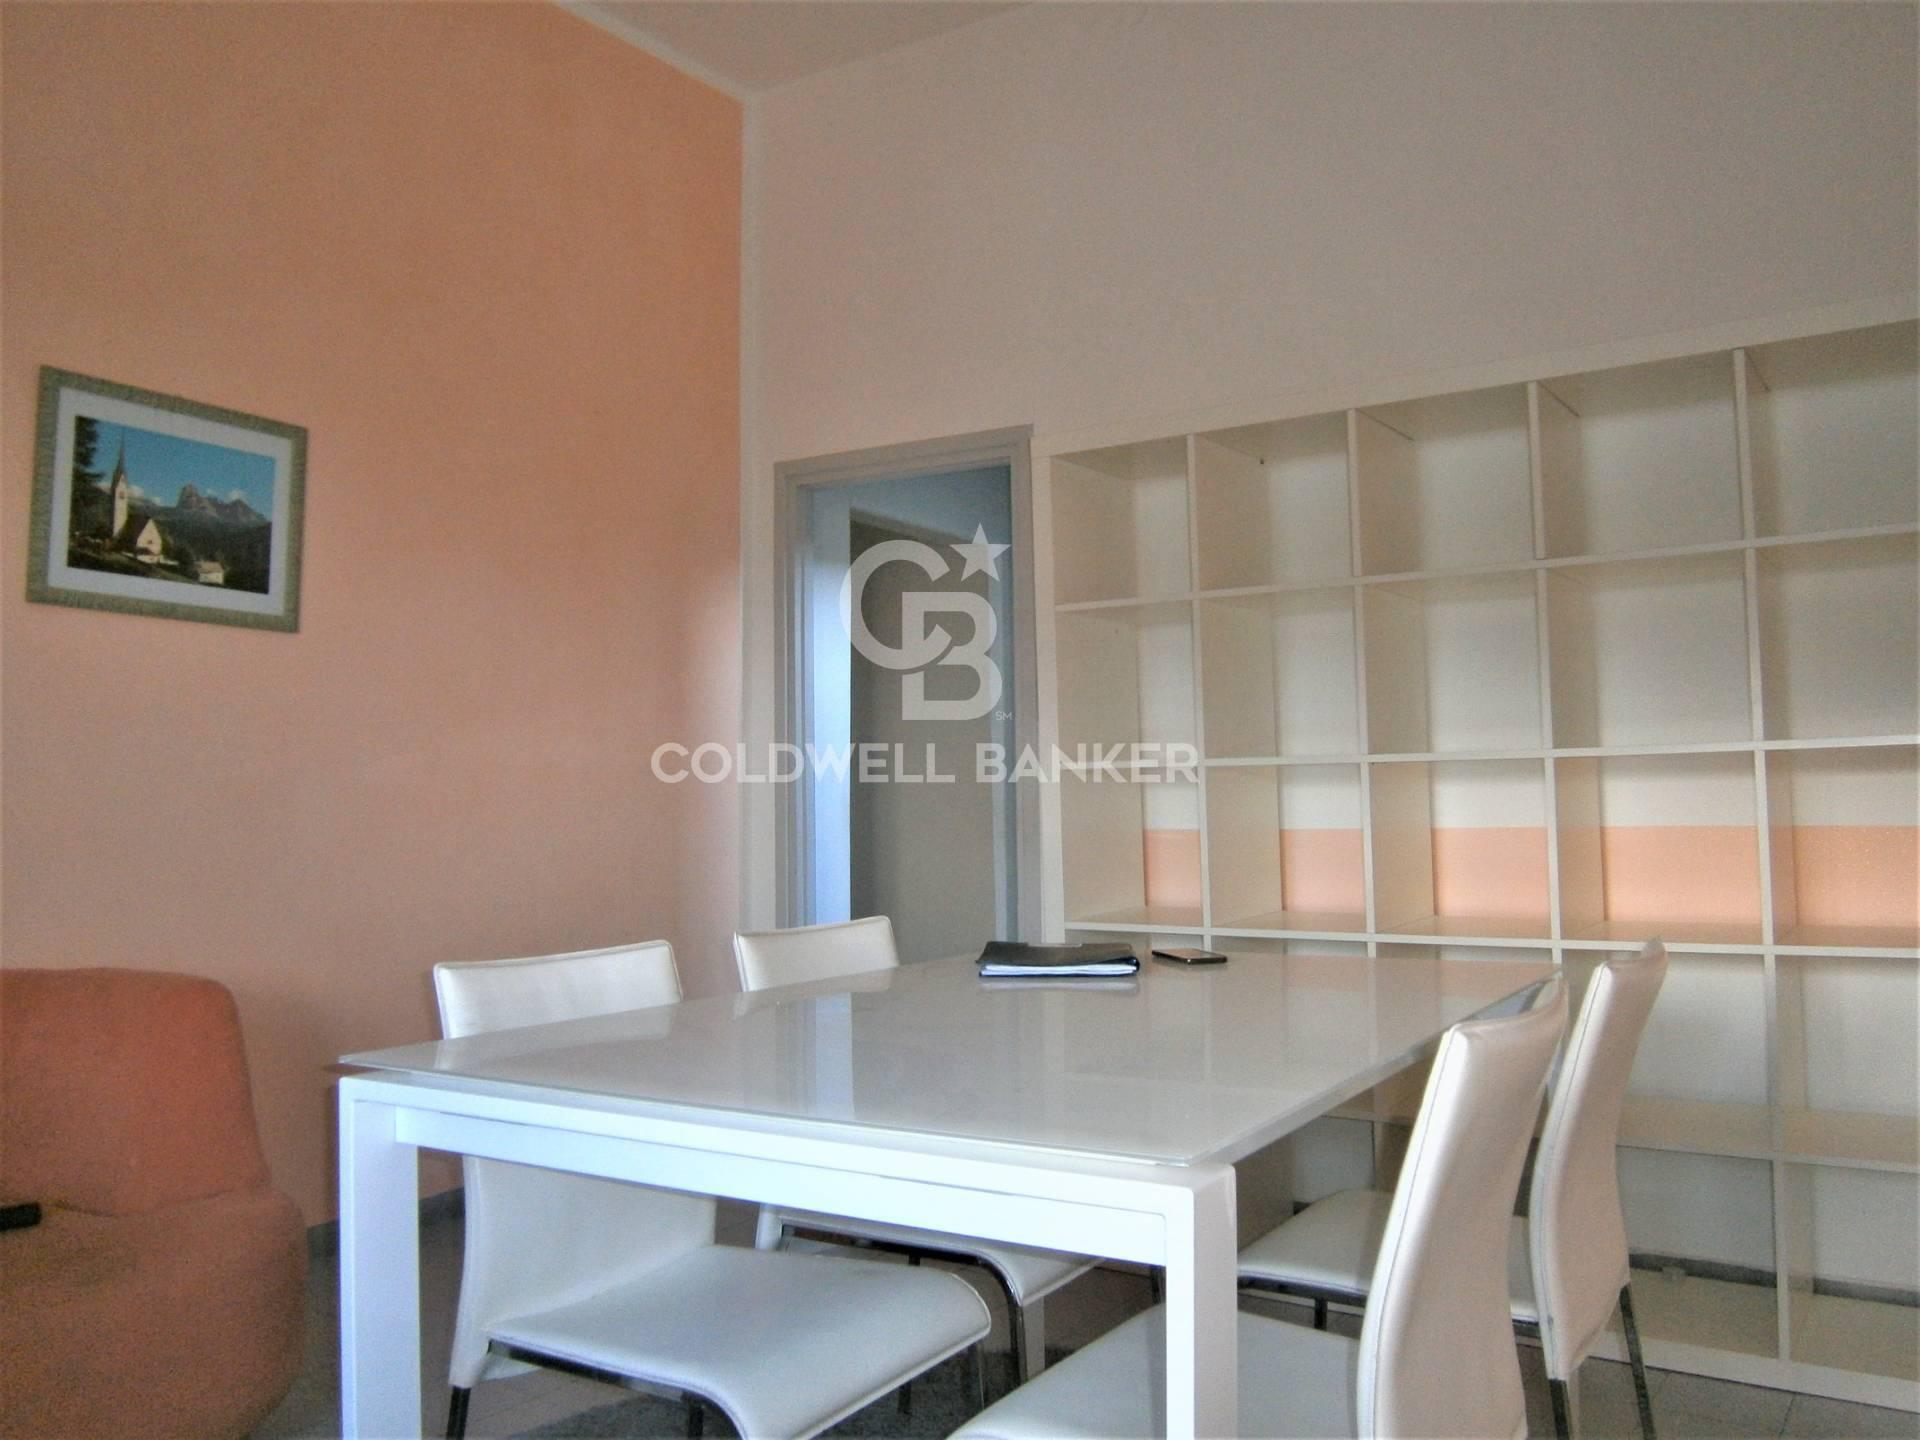 Appartamento in vendita a Soriano nel Cimino, 4 locali, prezzo € 39.000   PortaleAgenzieImmobiliari.it